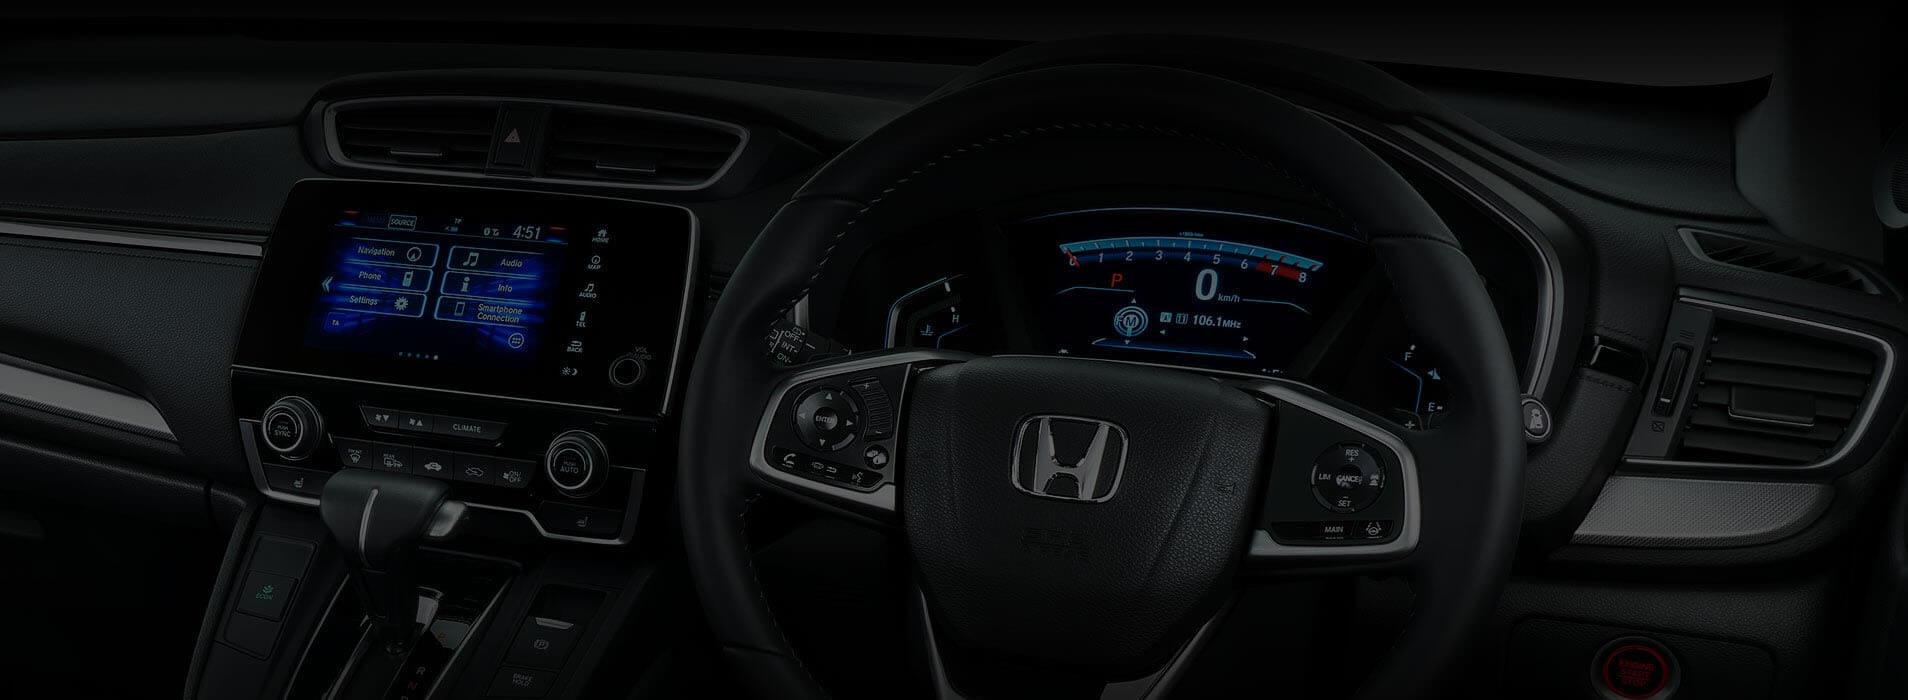 CR-V Technology